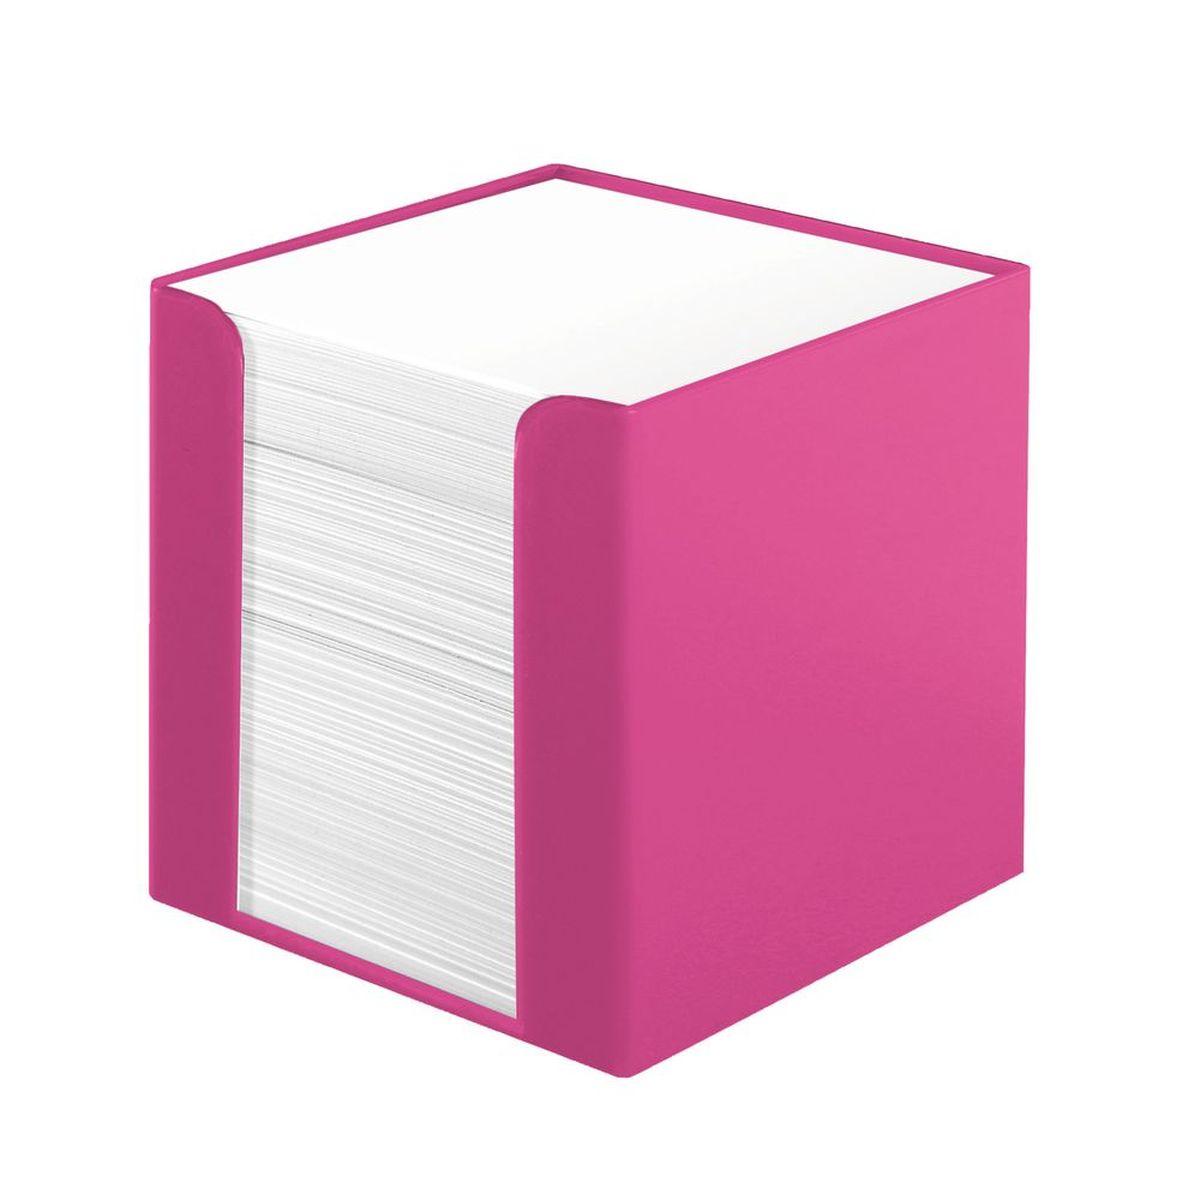 Herlitz Бумага для заметок Colour Blocking цвет подставки розовый11365038Бумага для заметок Herlitz Сolour Blocking - это удобное и практическое решение для быстрой записи информации дома или на работе.Блок состоит из листов белой бумаги и находится в пластиковой подставке в виде куба, которая вмещает в себя 700 листов. Игривый розовый цвет - по-настоящему яркое зрелище, способное всполошить дерзкими расцветками размеренность повседневности.